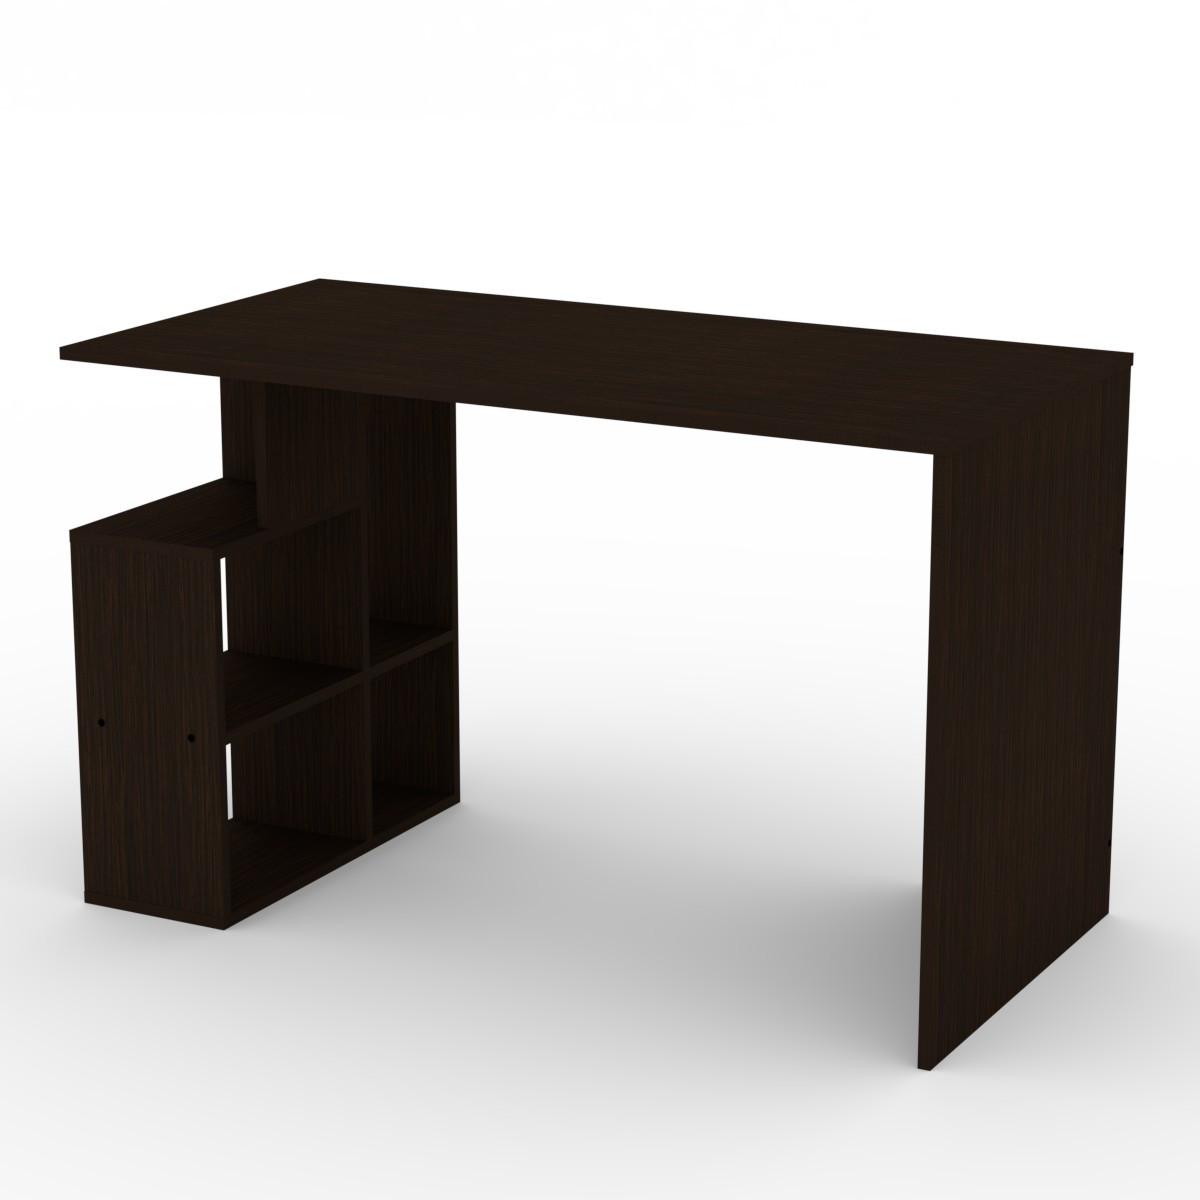 Стол письменный Ученик-3 венге темный Компанит (120х60х74 см)